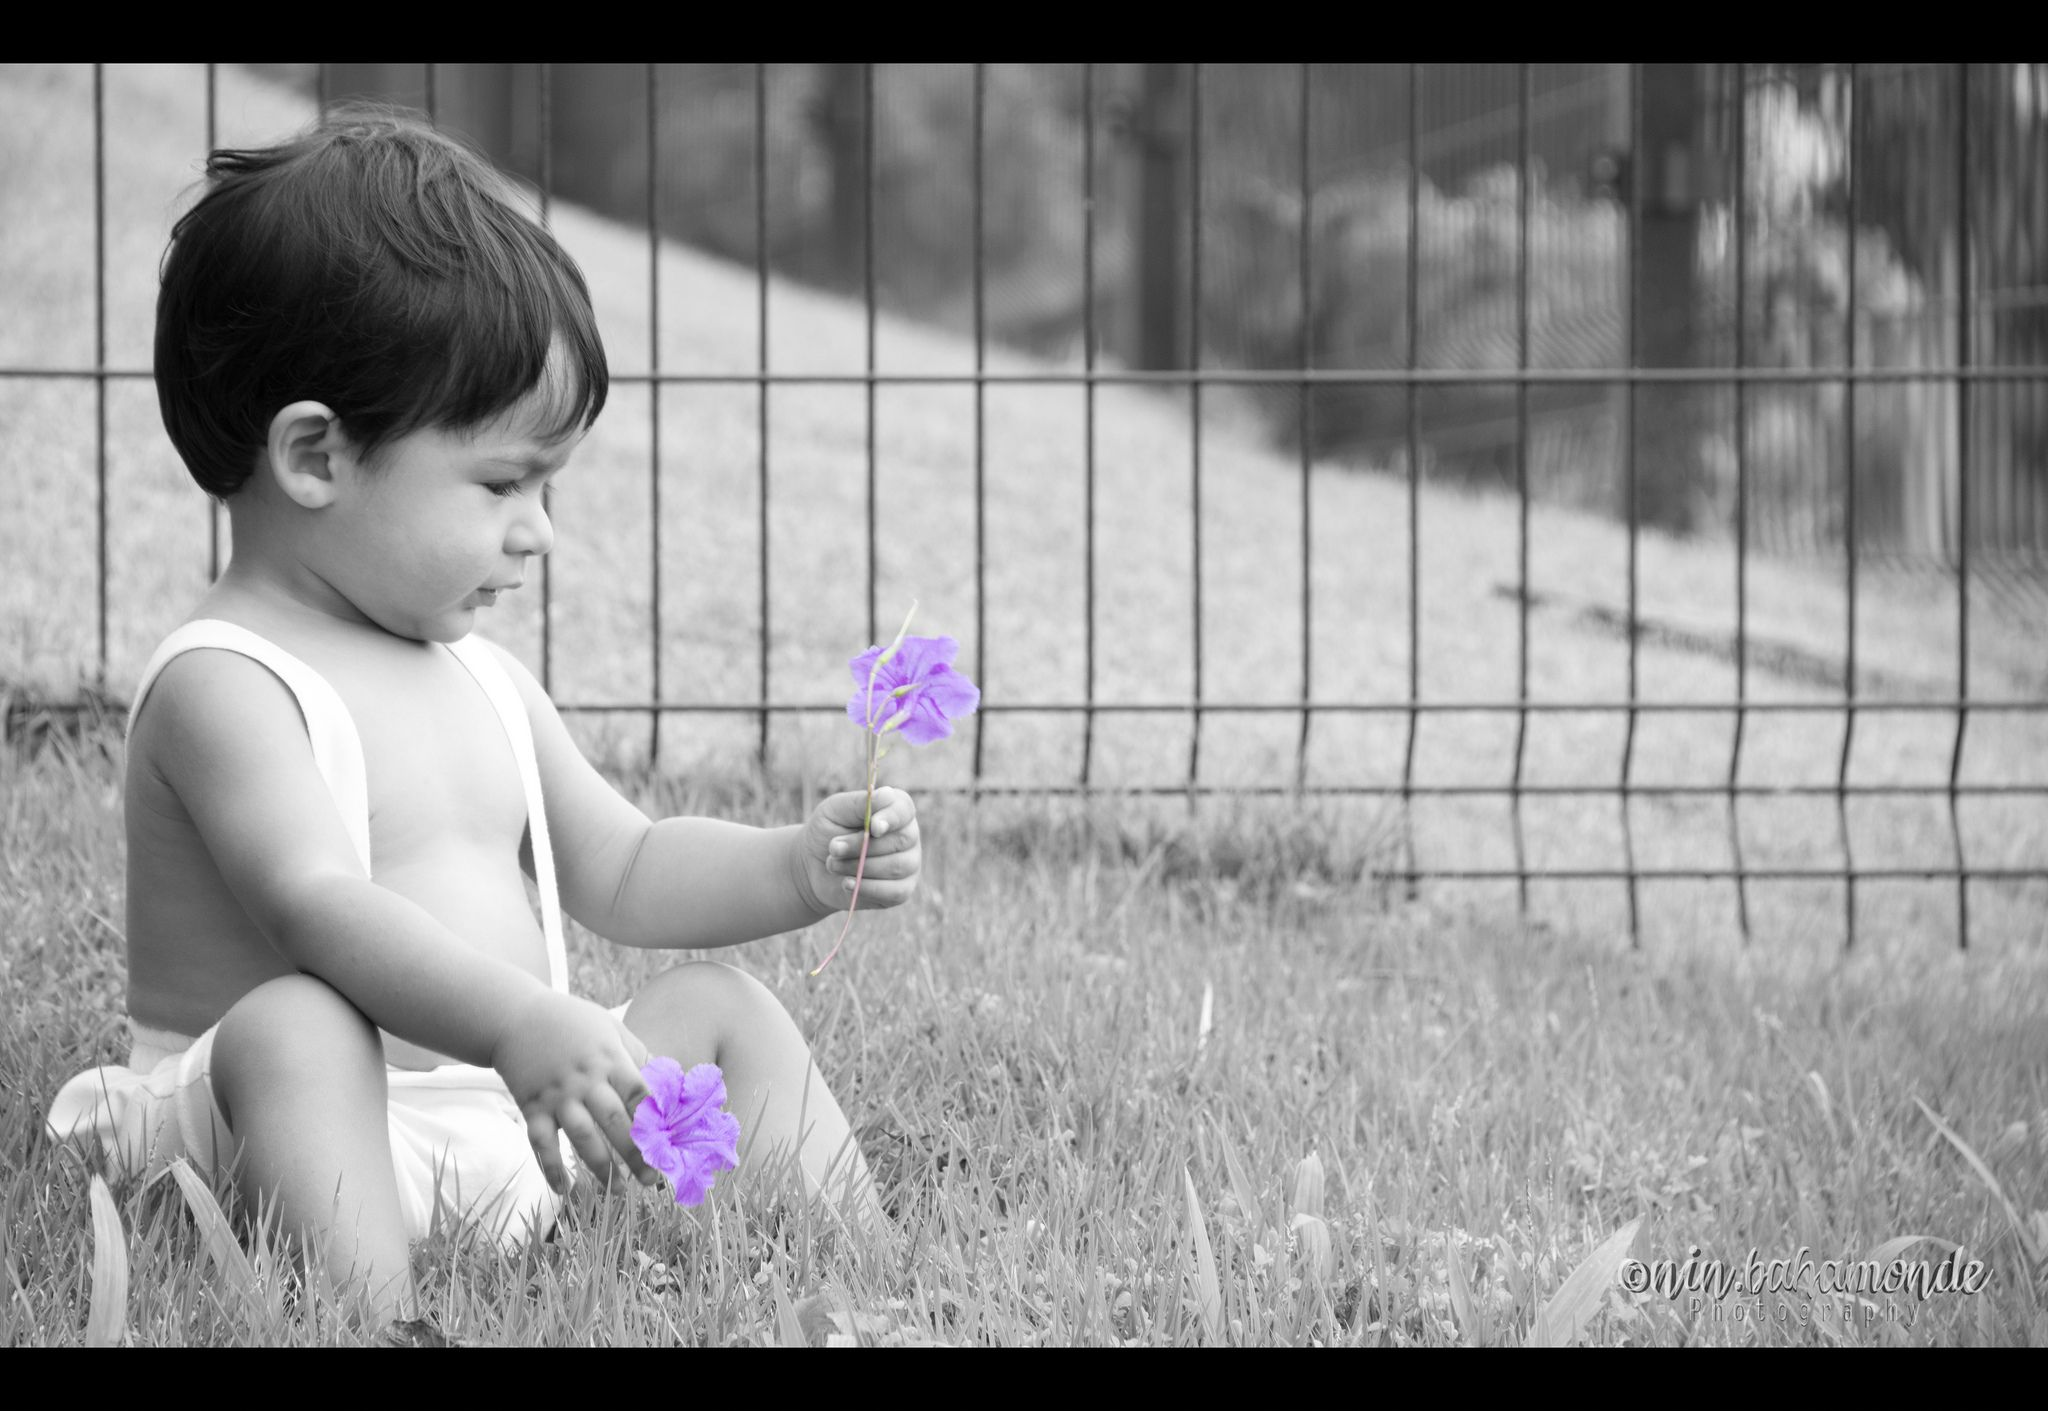 https://flic.kr/p/dBLt7M | A veces la felicidad esta en las cosas pequeñas... | Baby photoshoot  Work  © 2012 Nin Photography